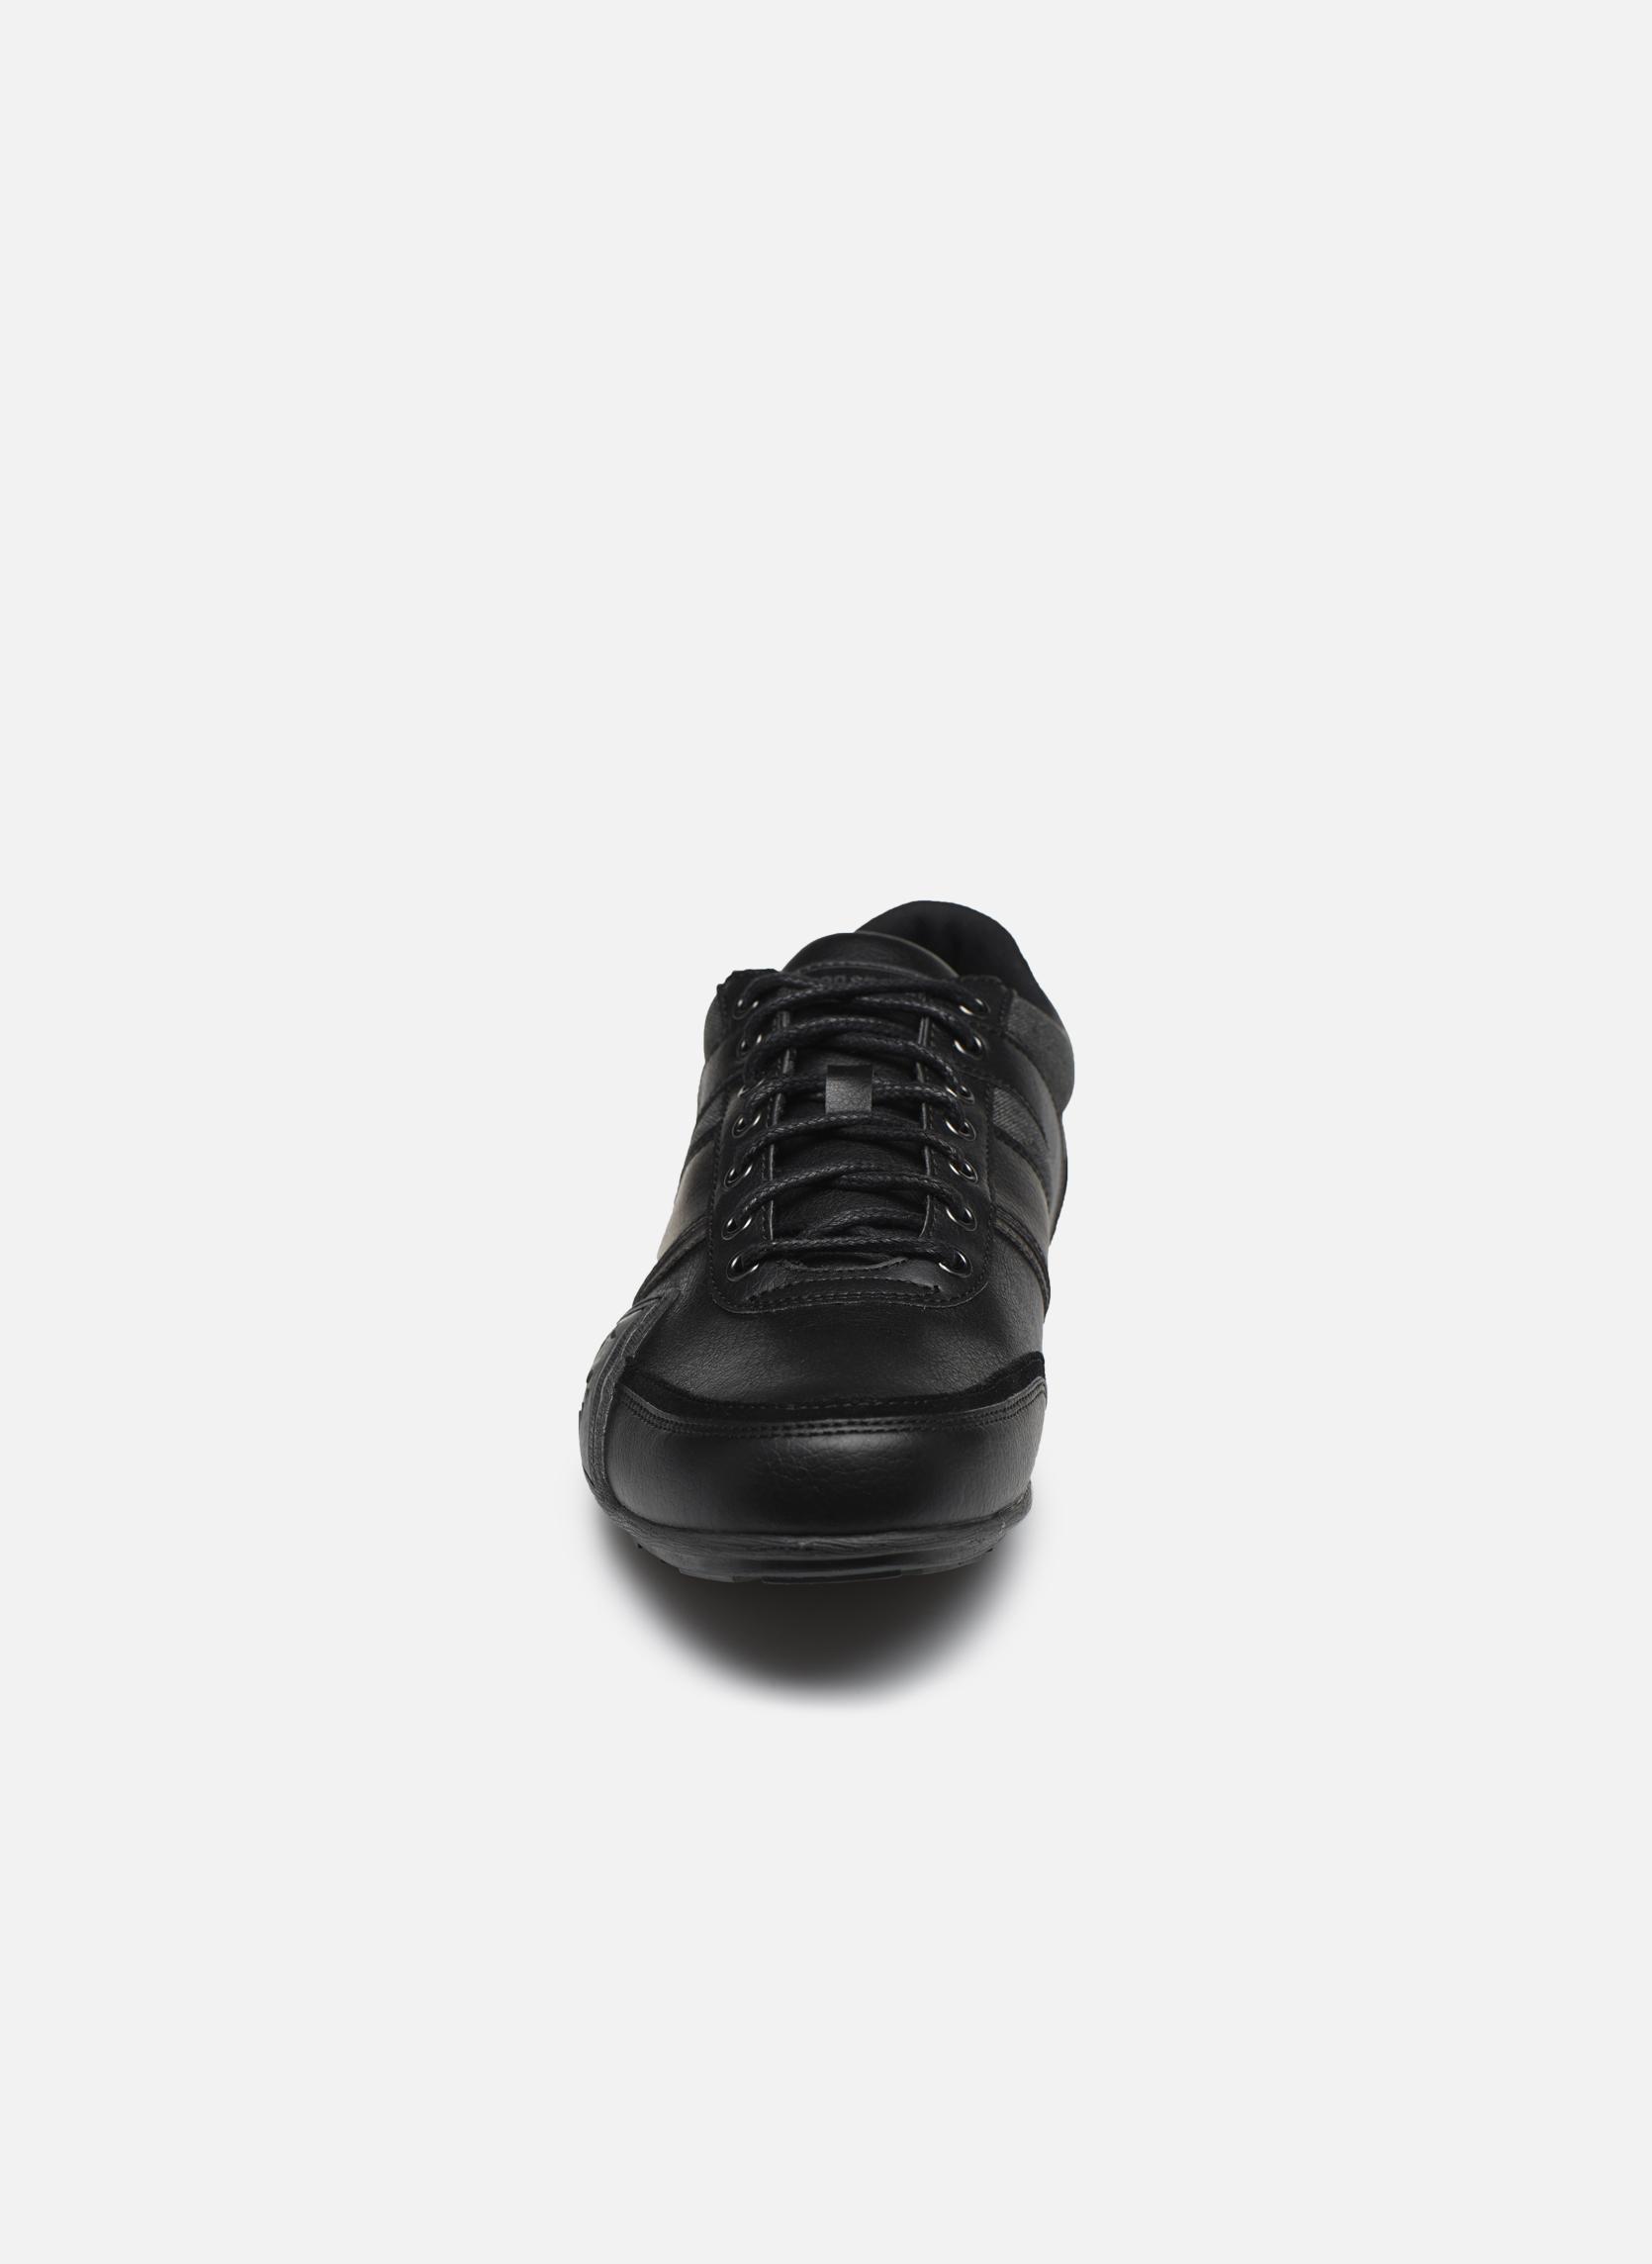 Baskets Le Coq Sportif Andelot S Lea/Suede Noir vue portées chaussures